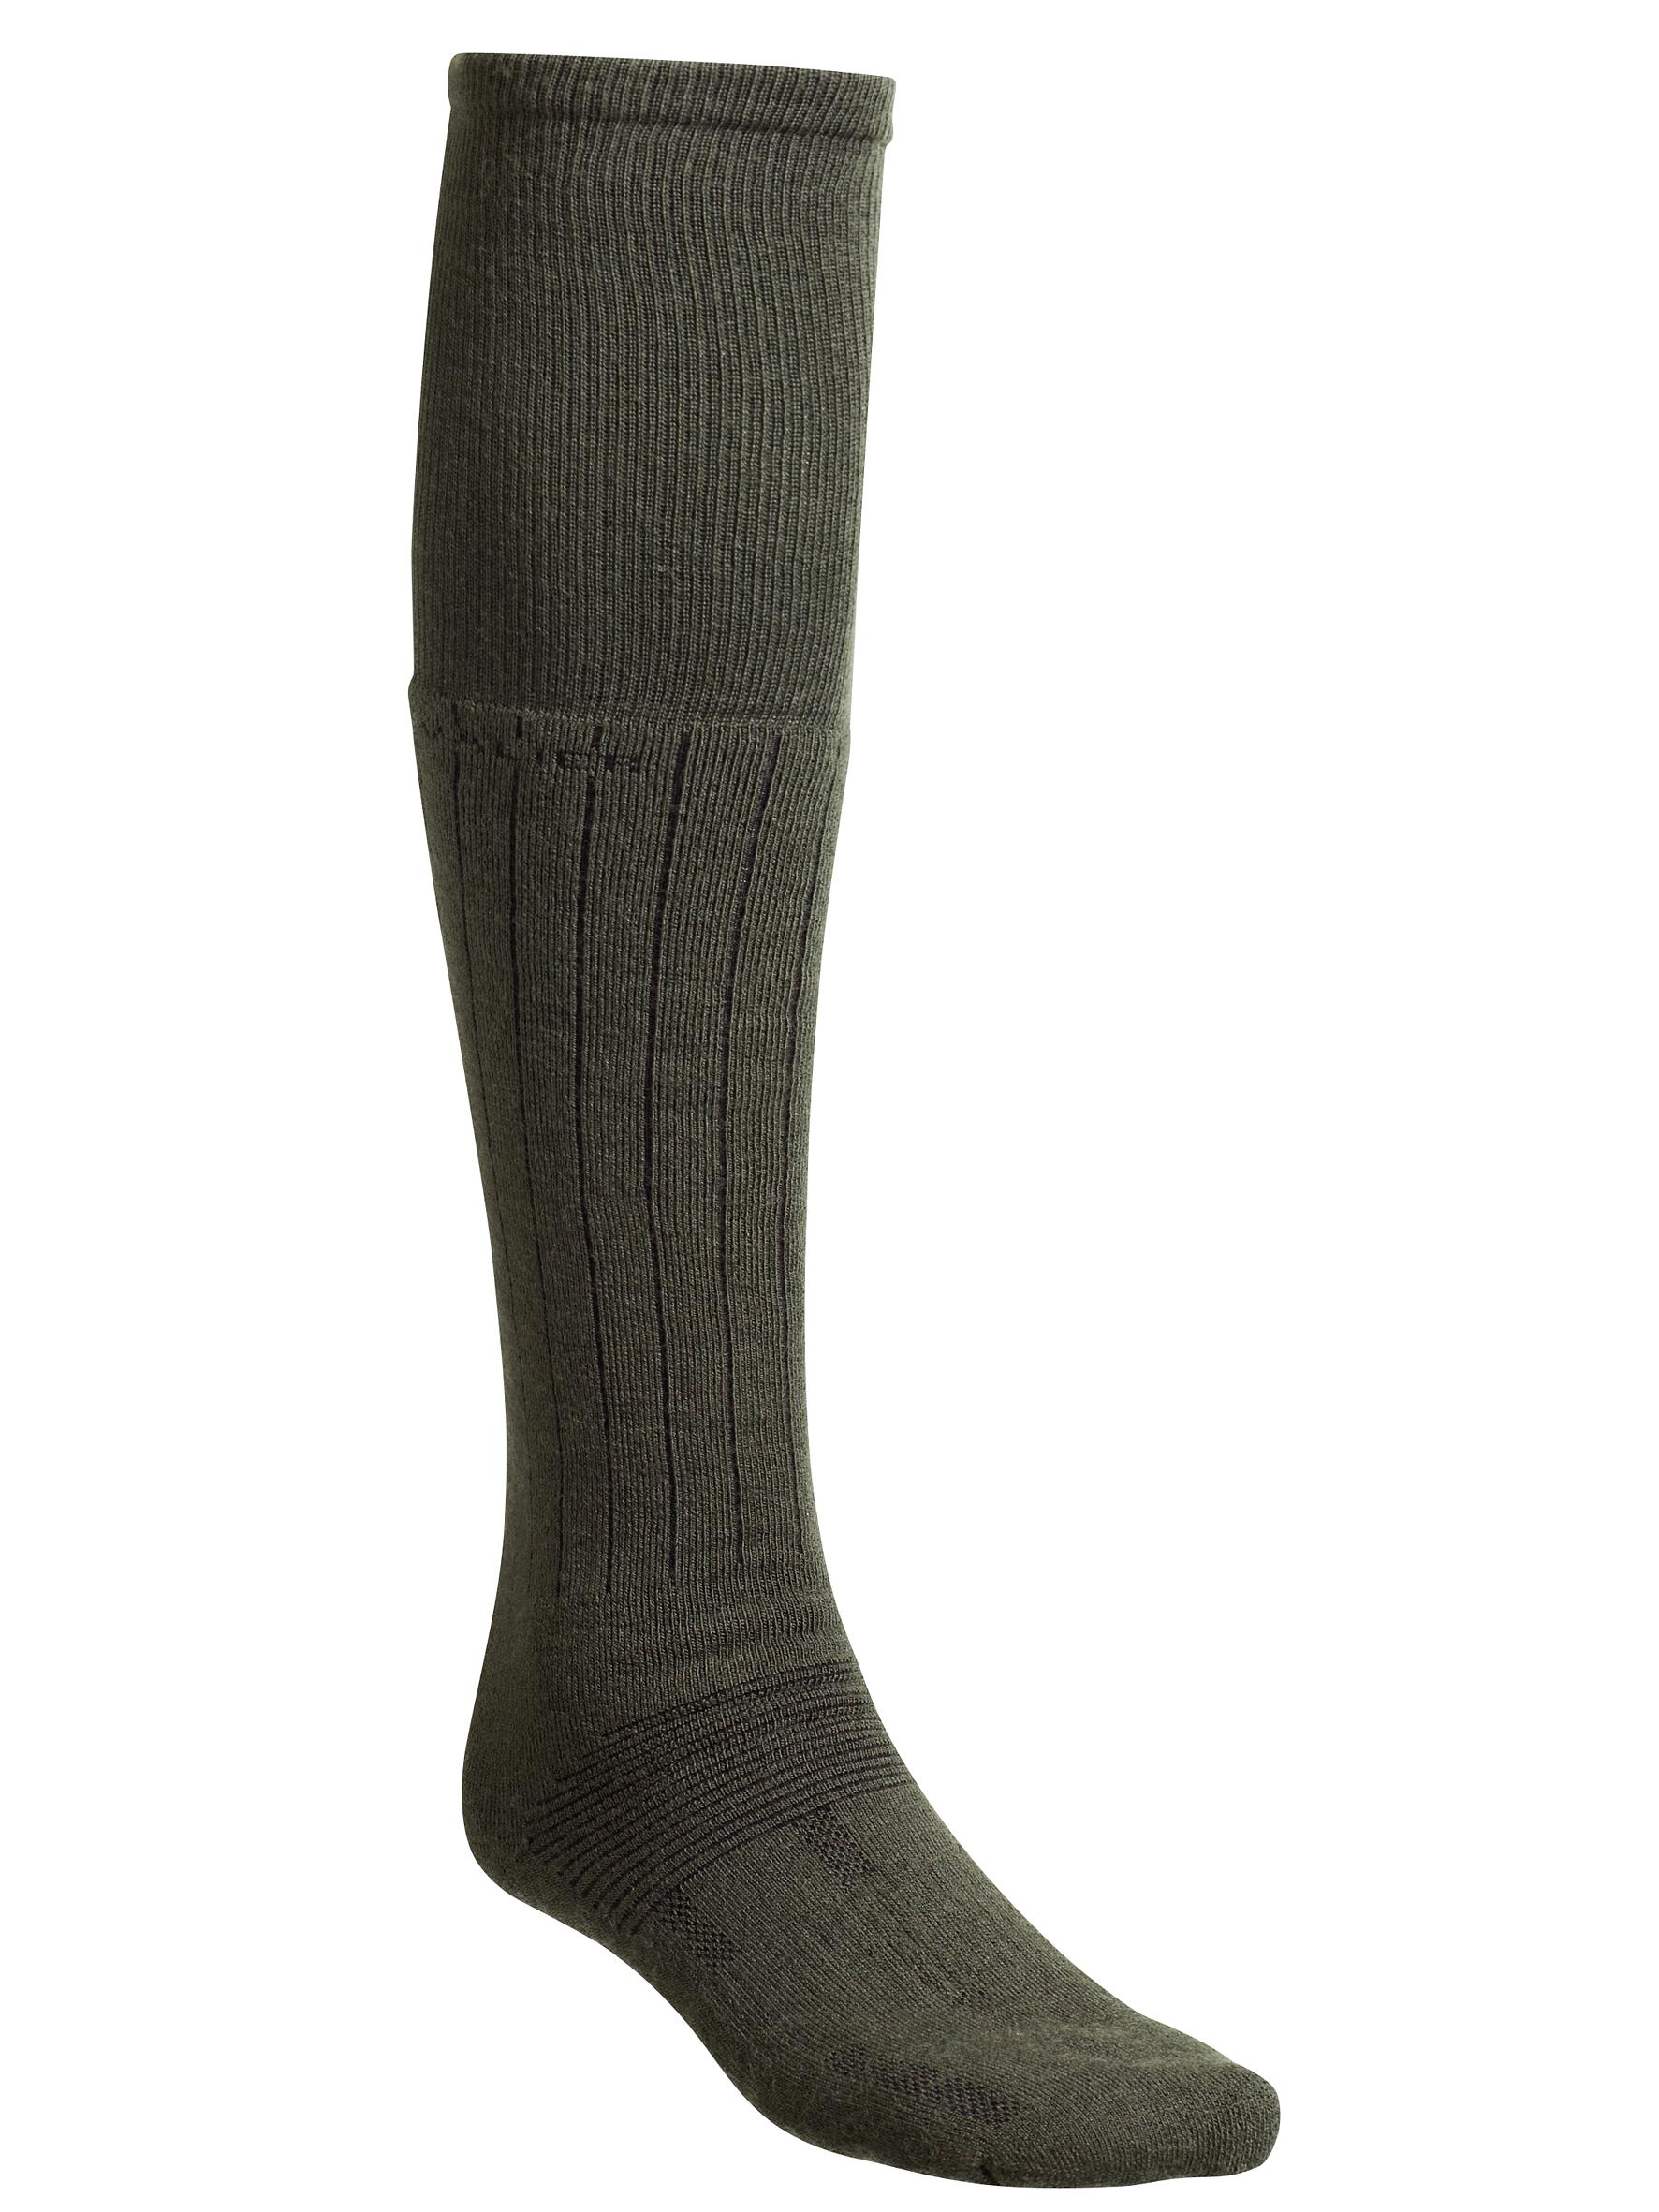 Socka Chevalier Over Knee Sock